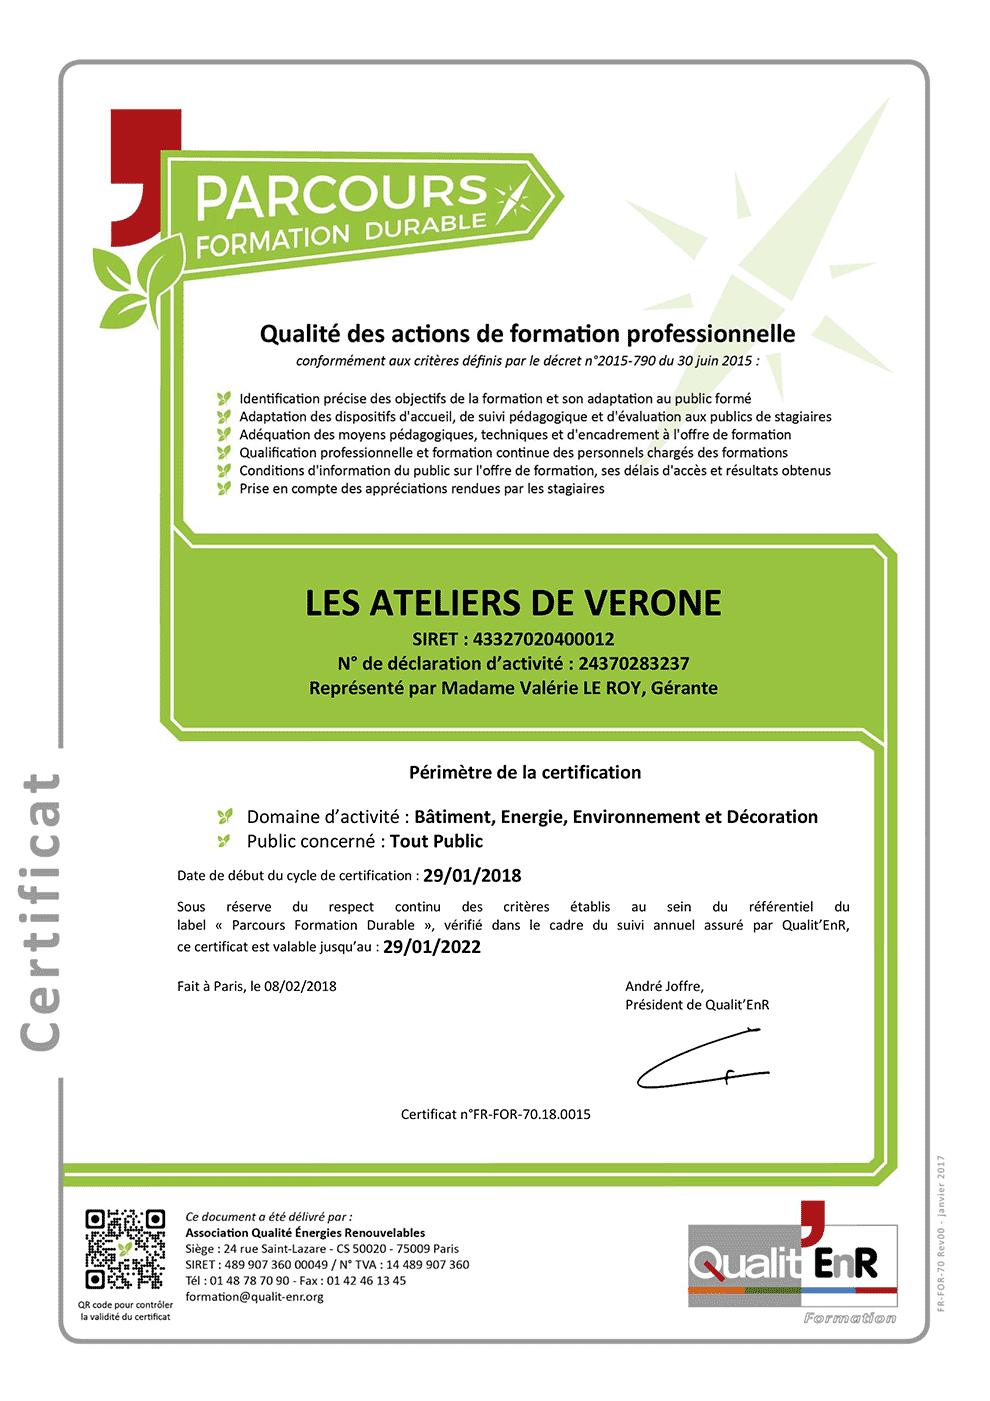 Certificat Label Qualité Parcours Formation Durable chaux et chanvre, tadelakt, béton ciré, badigeon et terre Les Ateliers de Vérone